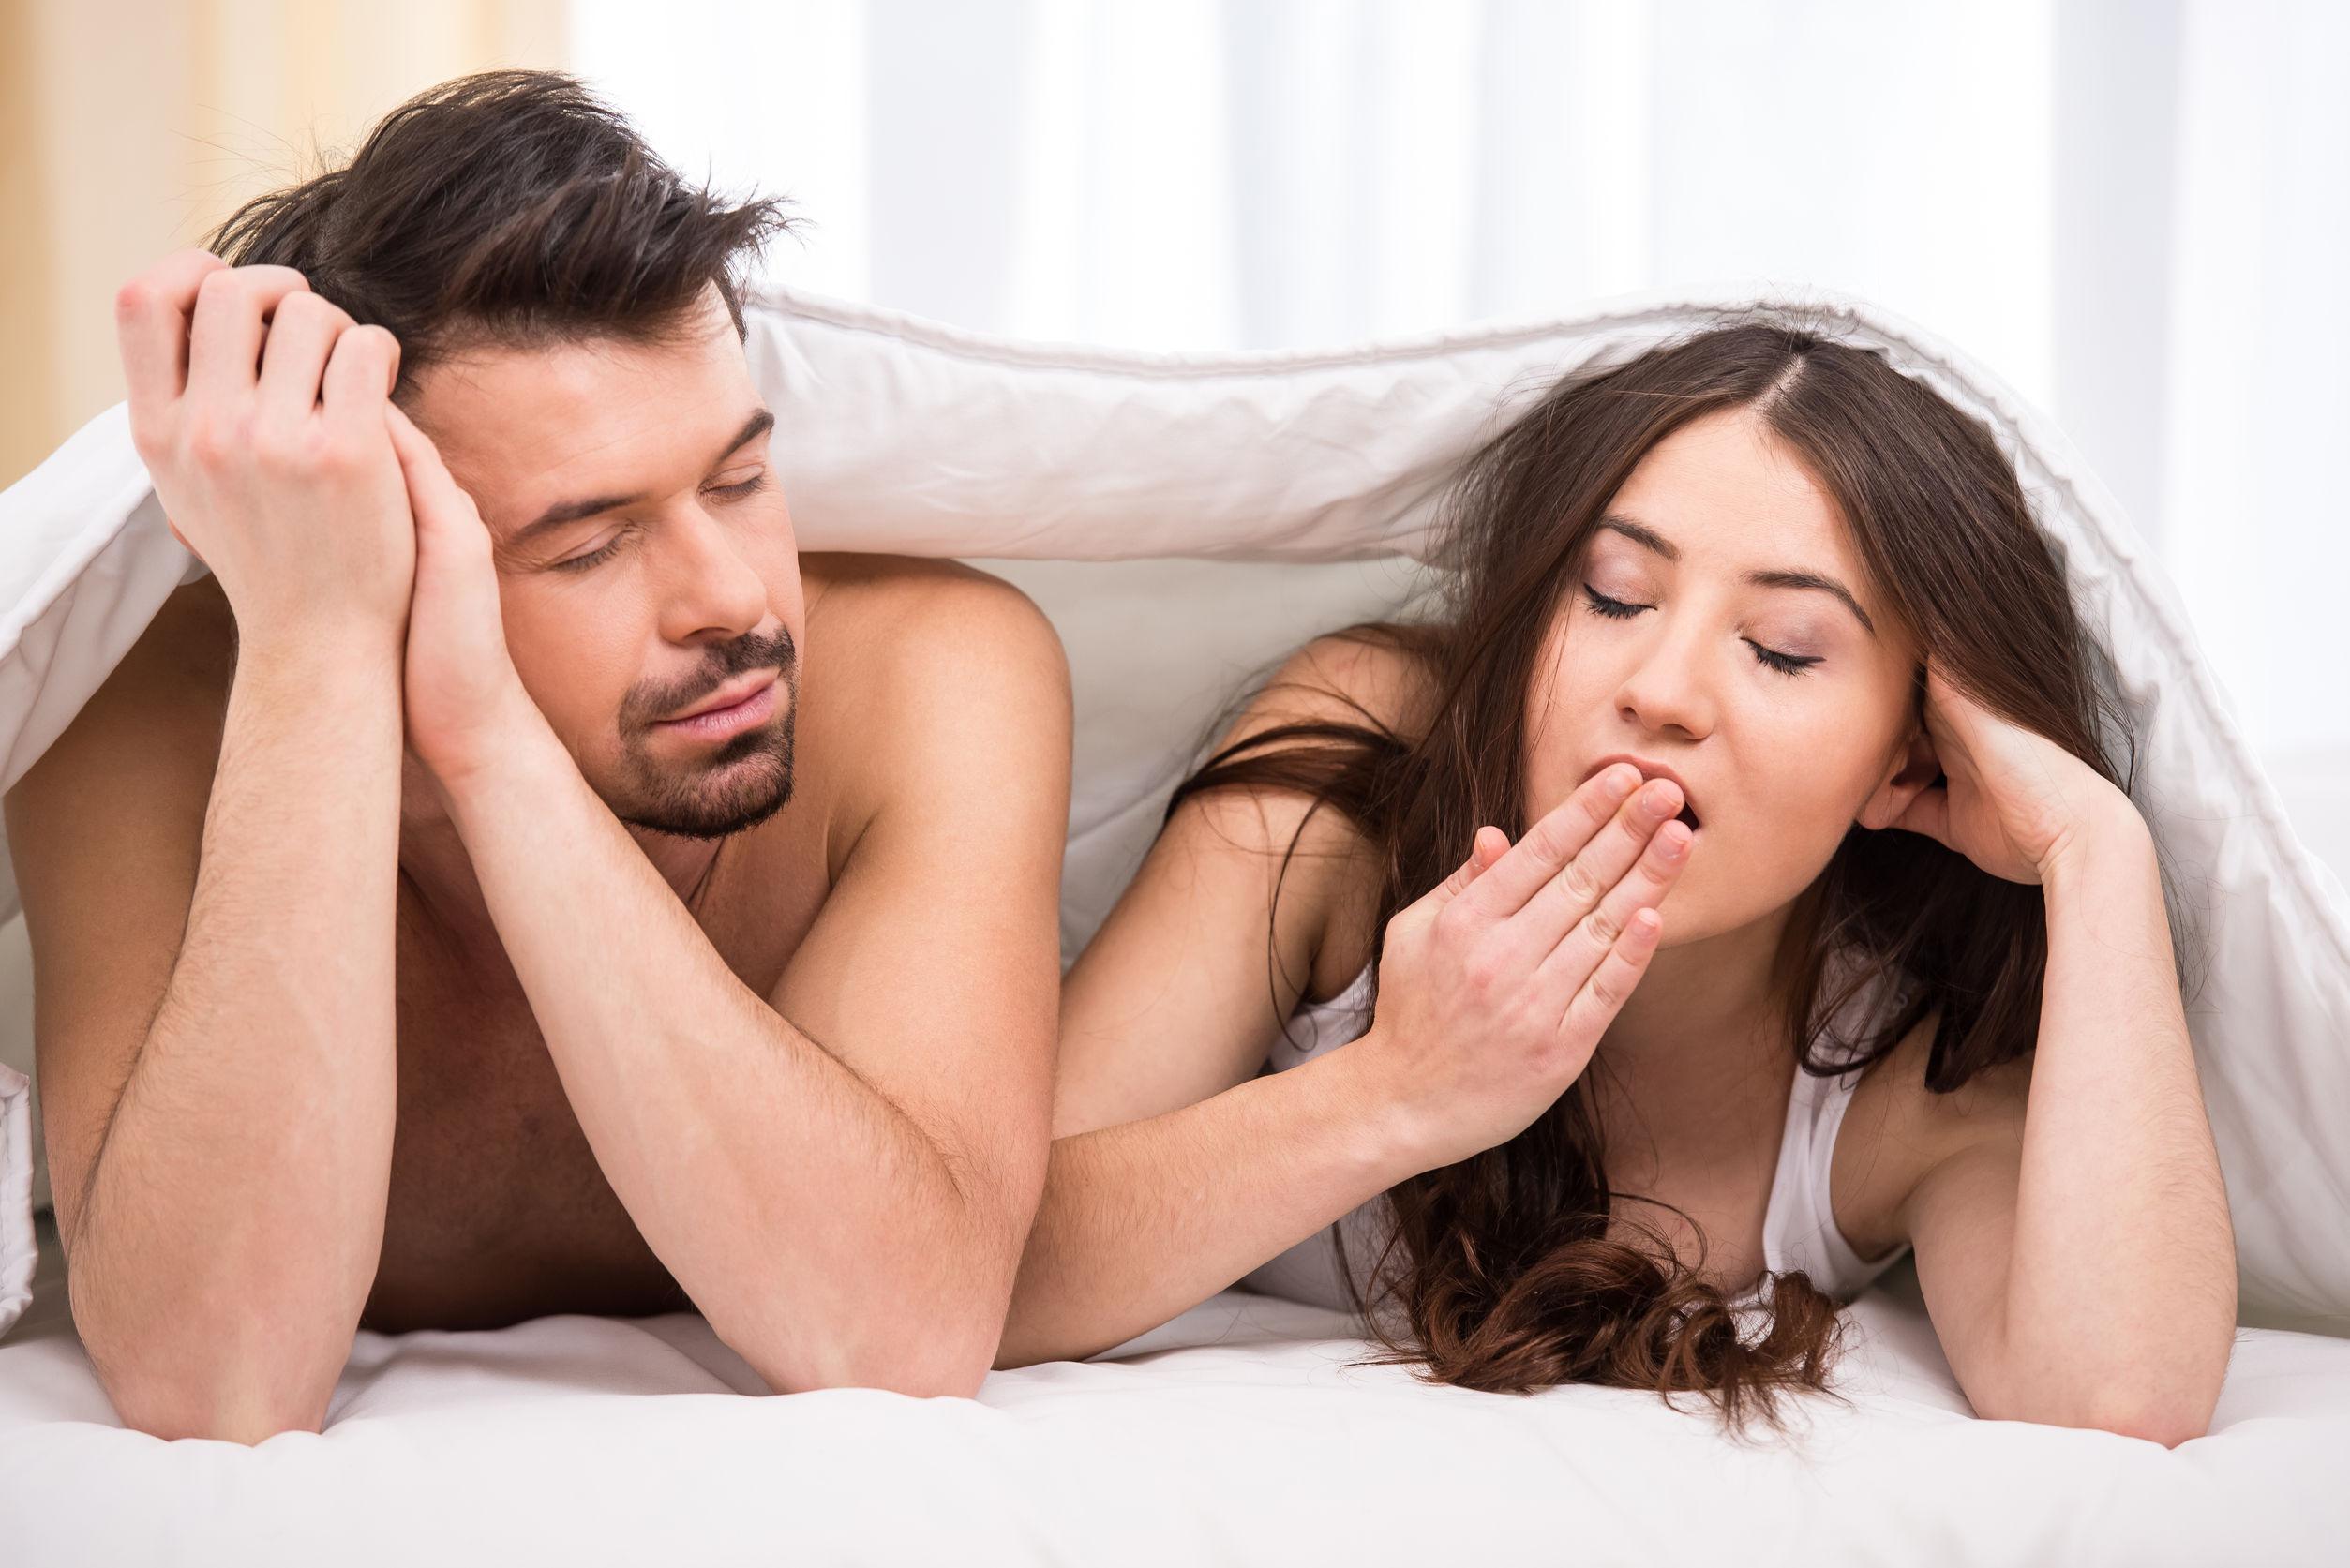 Секс вдвоем в одну дырку, Два члена в одну дырку: порно видео онлайн, смотреть 5 фотография